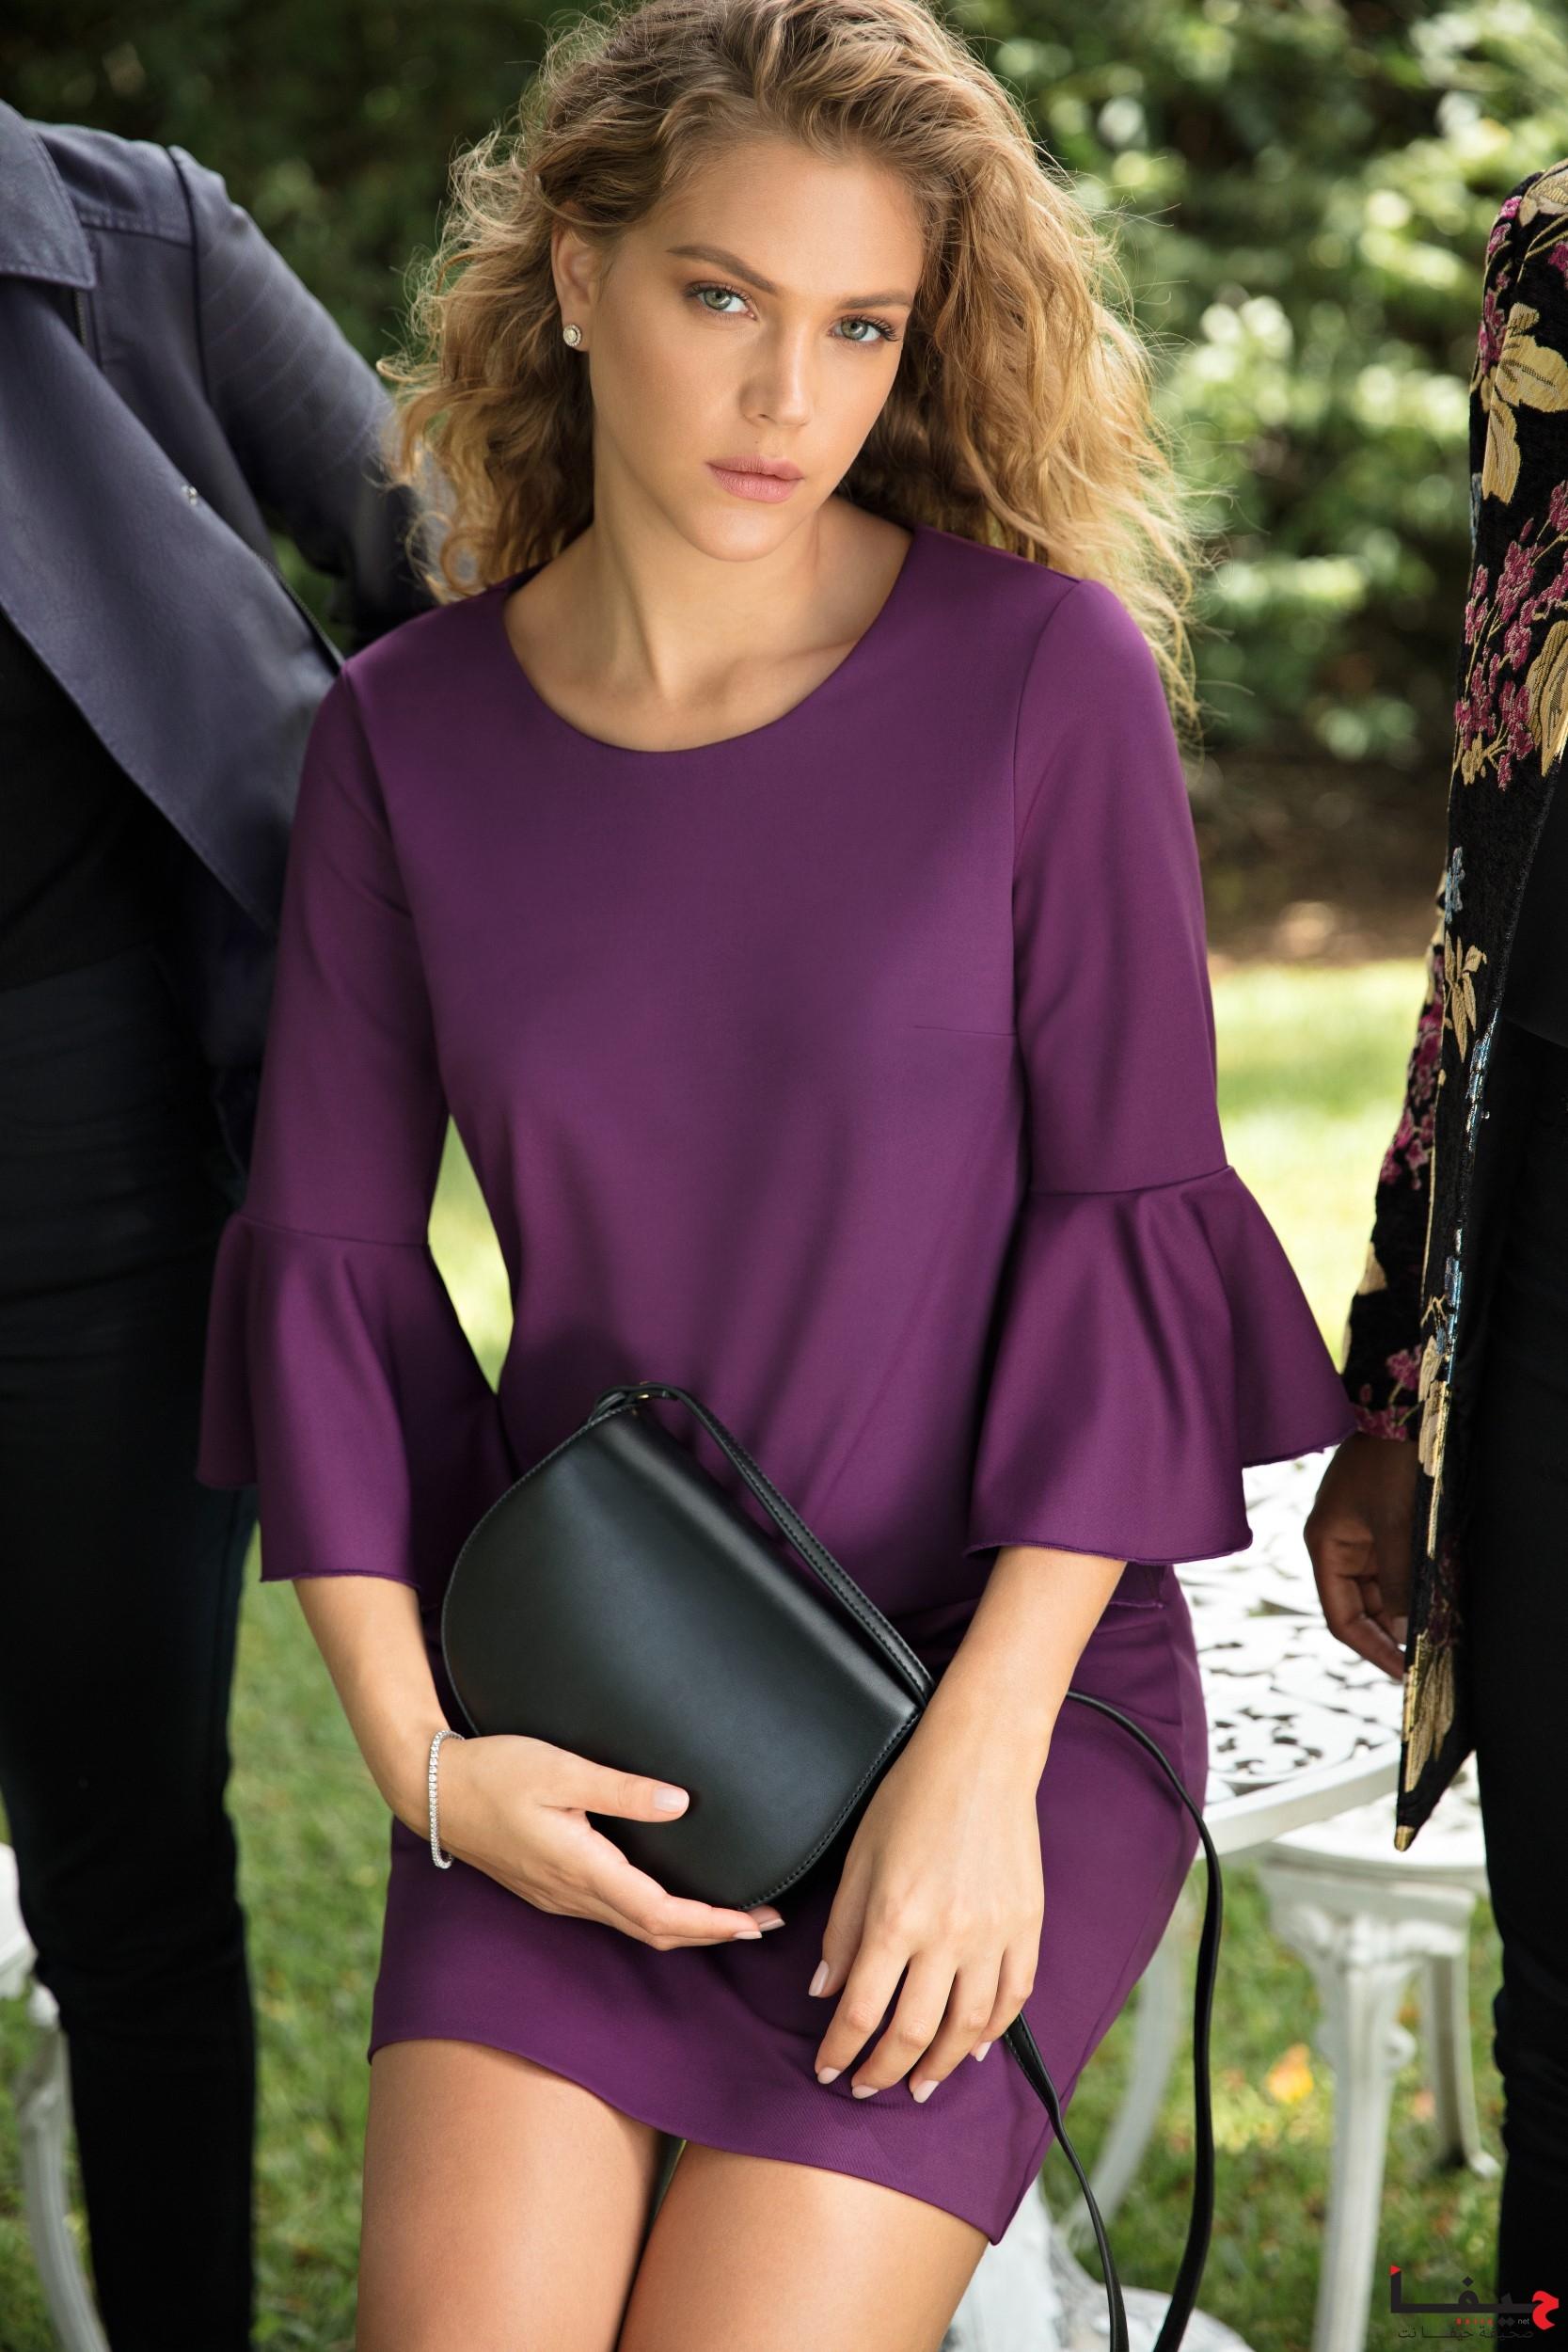 גולברי מחיר שמלה 299.90 שח צילום יניב אדרי (2)